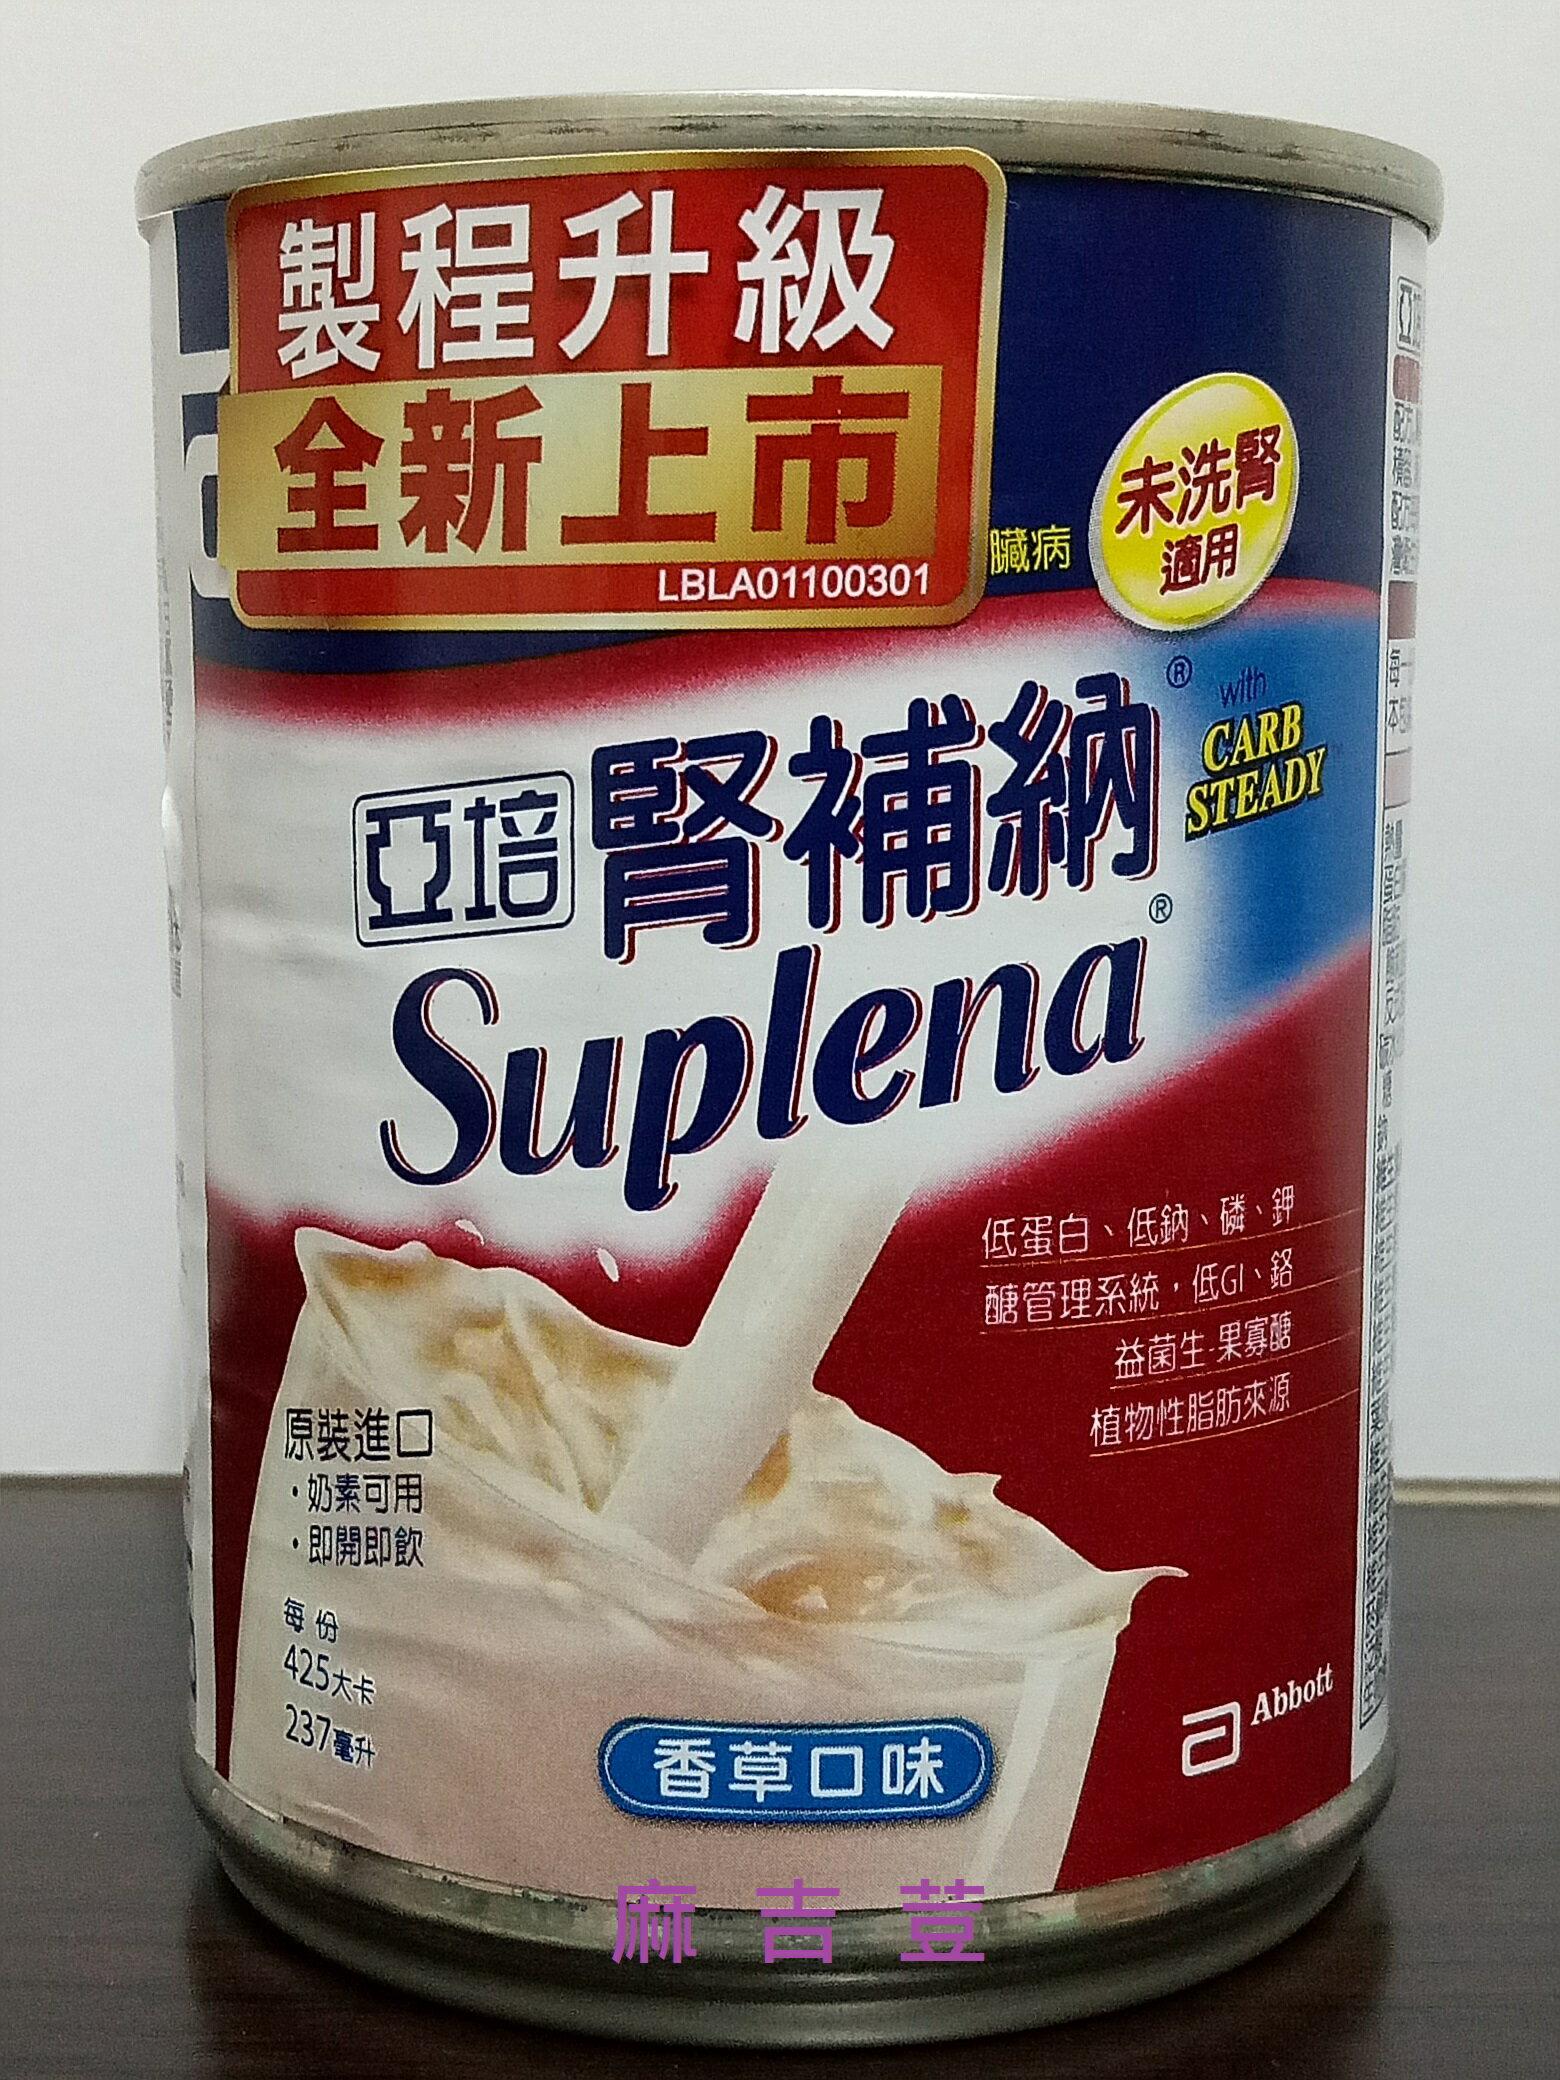 亞培 腎補納 ^^製程升級 全新上市^^ 未洗腎適用425大卡 管灌 口飲皆可 香草口味 奶素可食